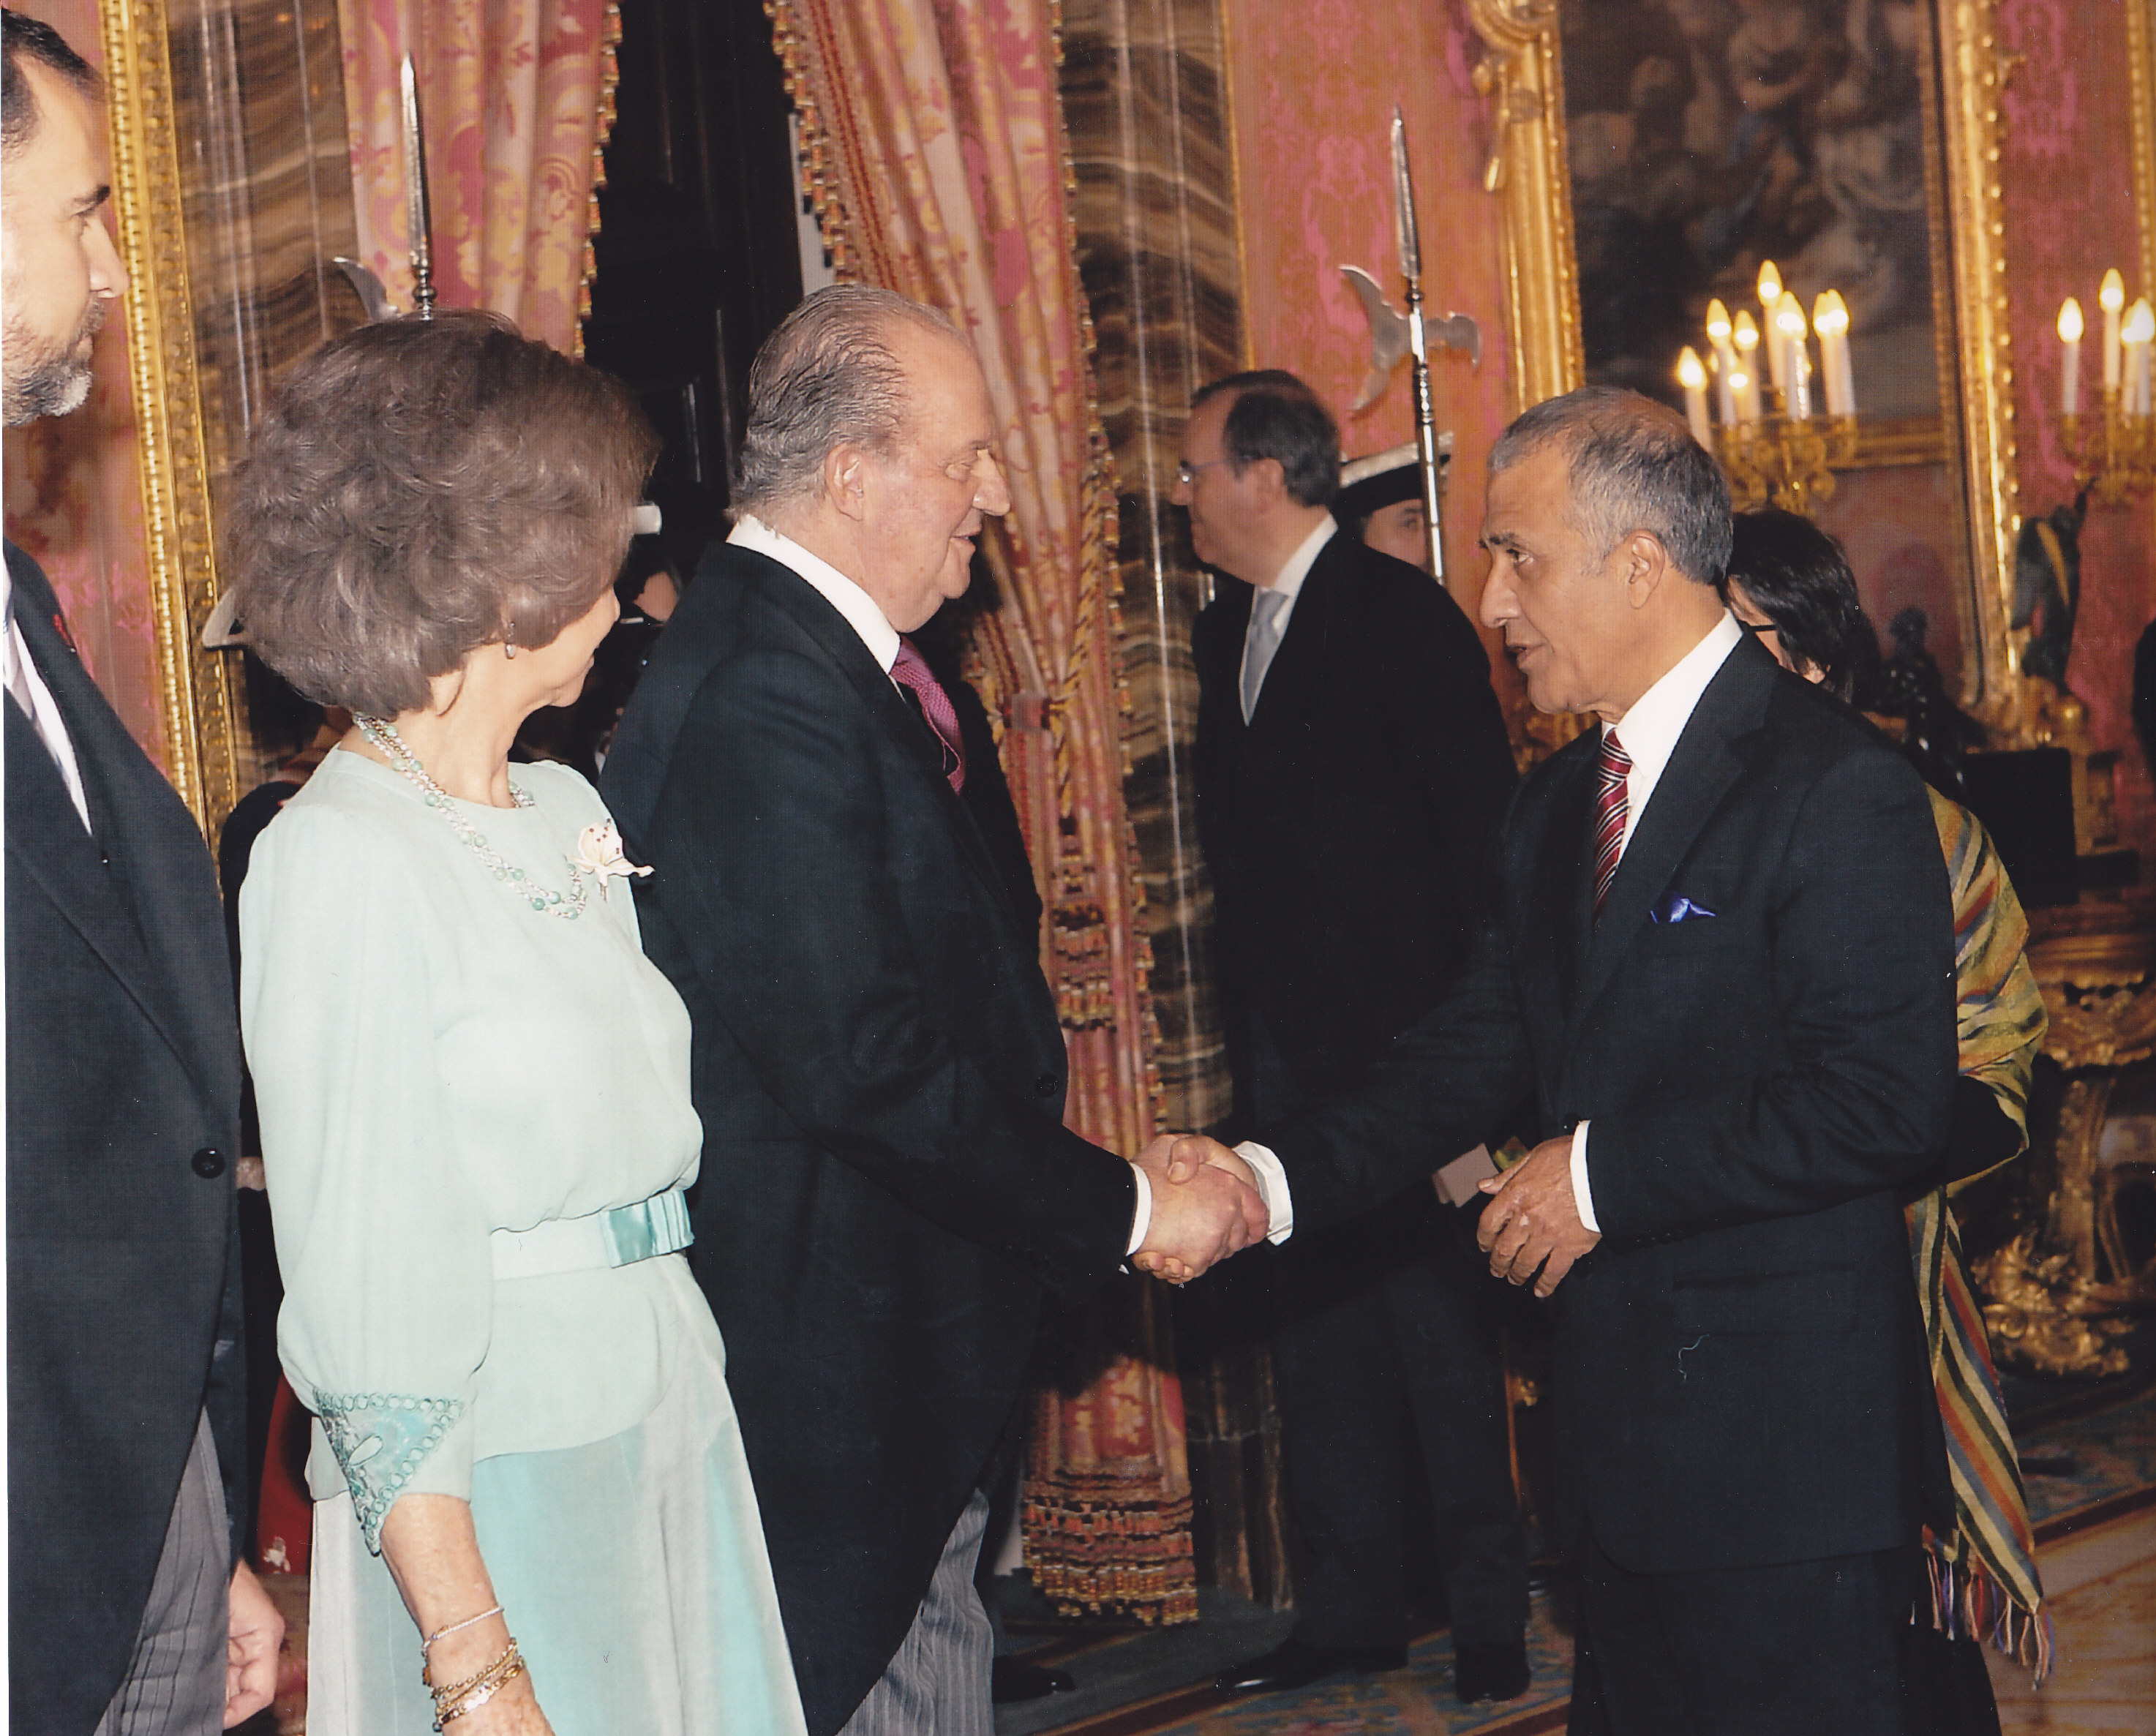 Mr. Khalili and Spanish Royal Family